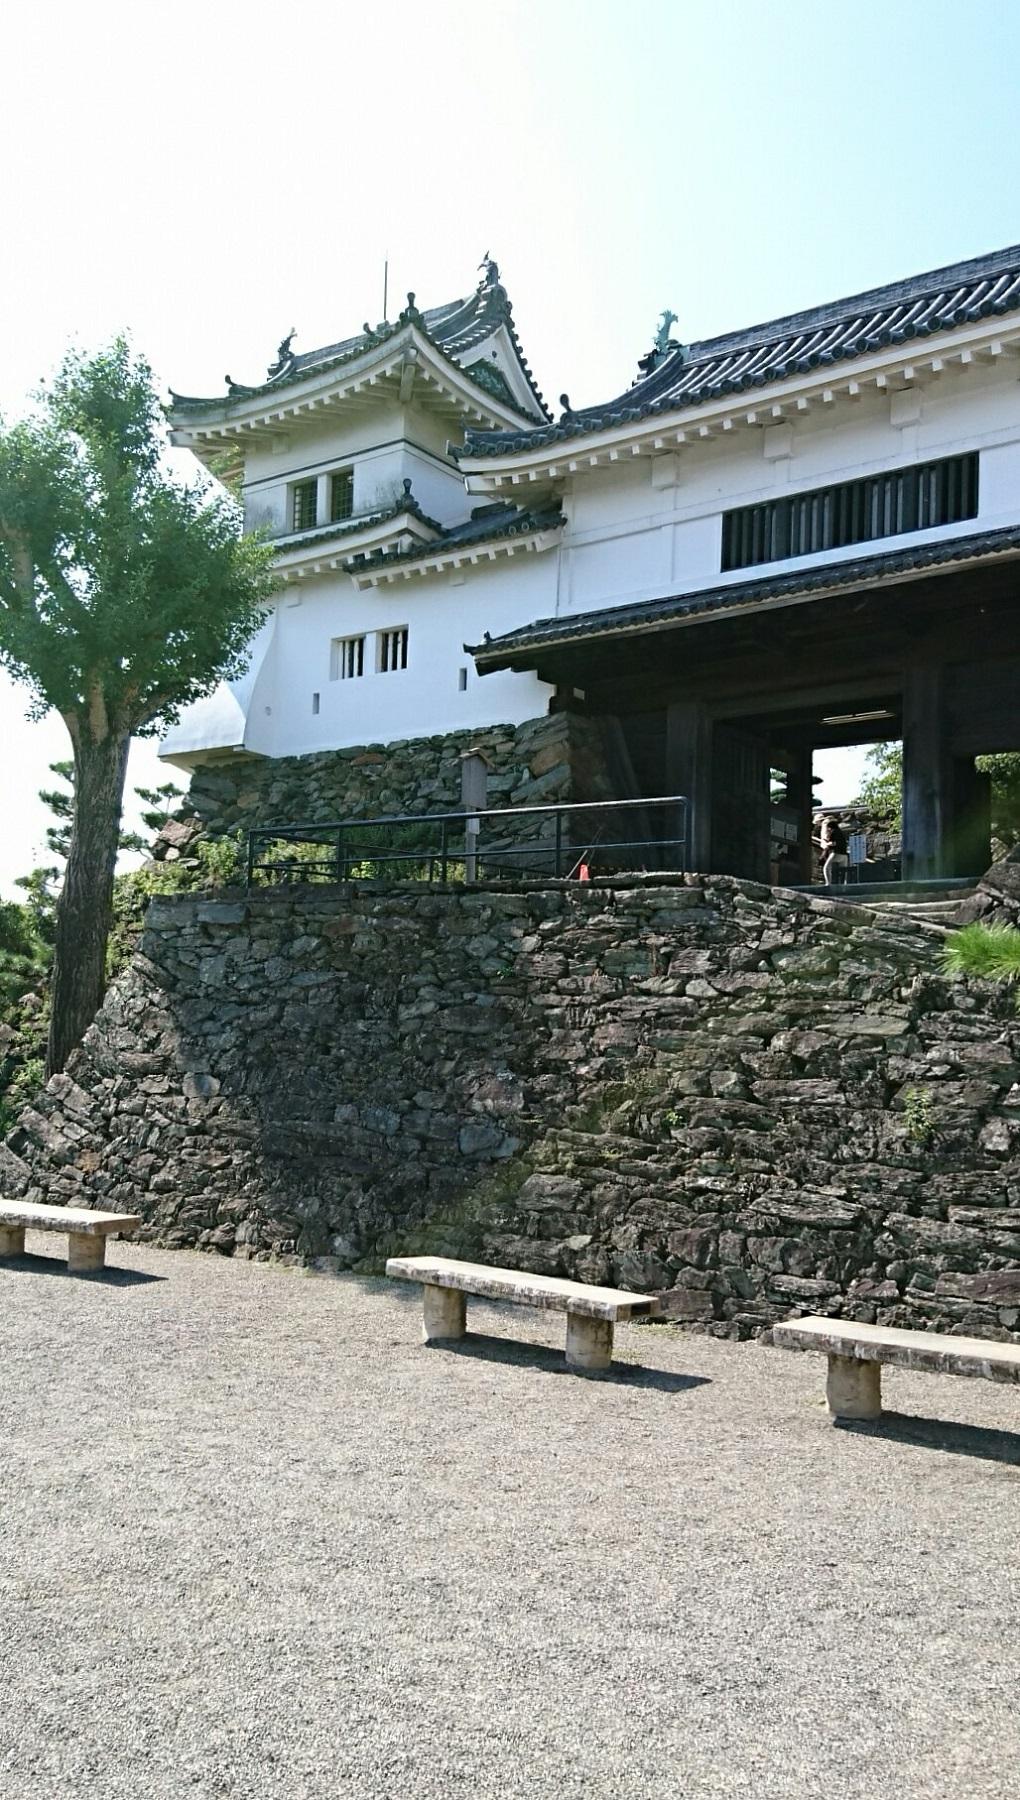 2017.8.17 わかやま (5) 和歌山城=やぐら 1020-1800